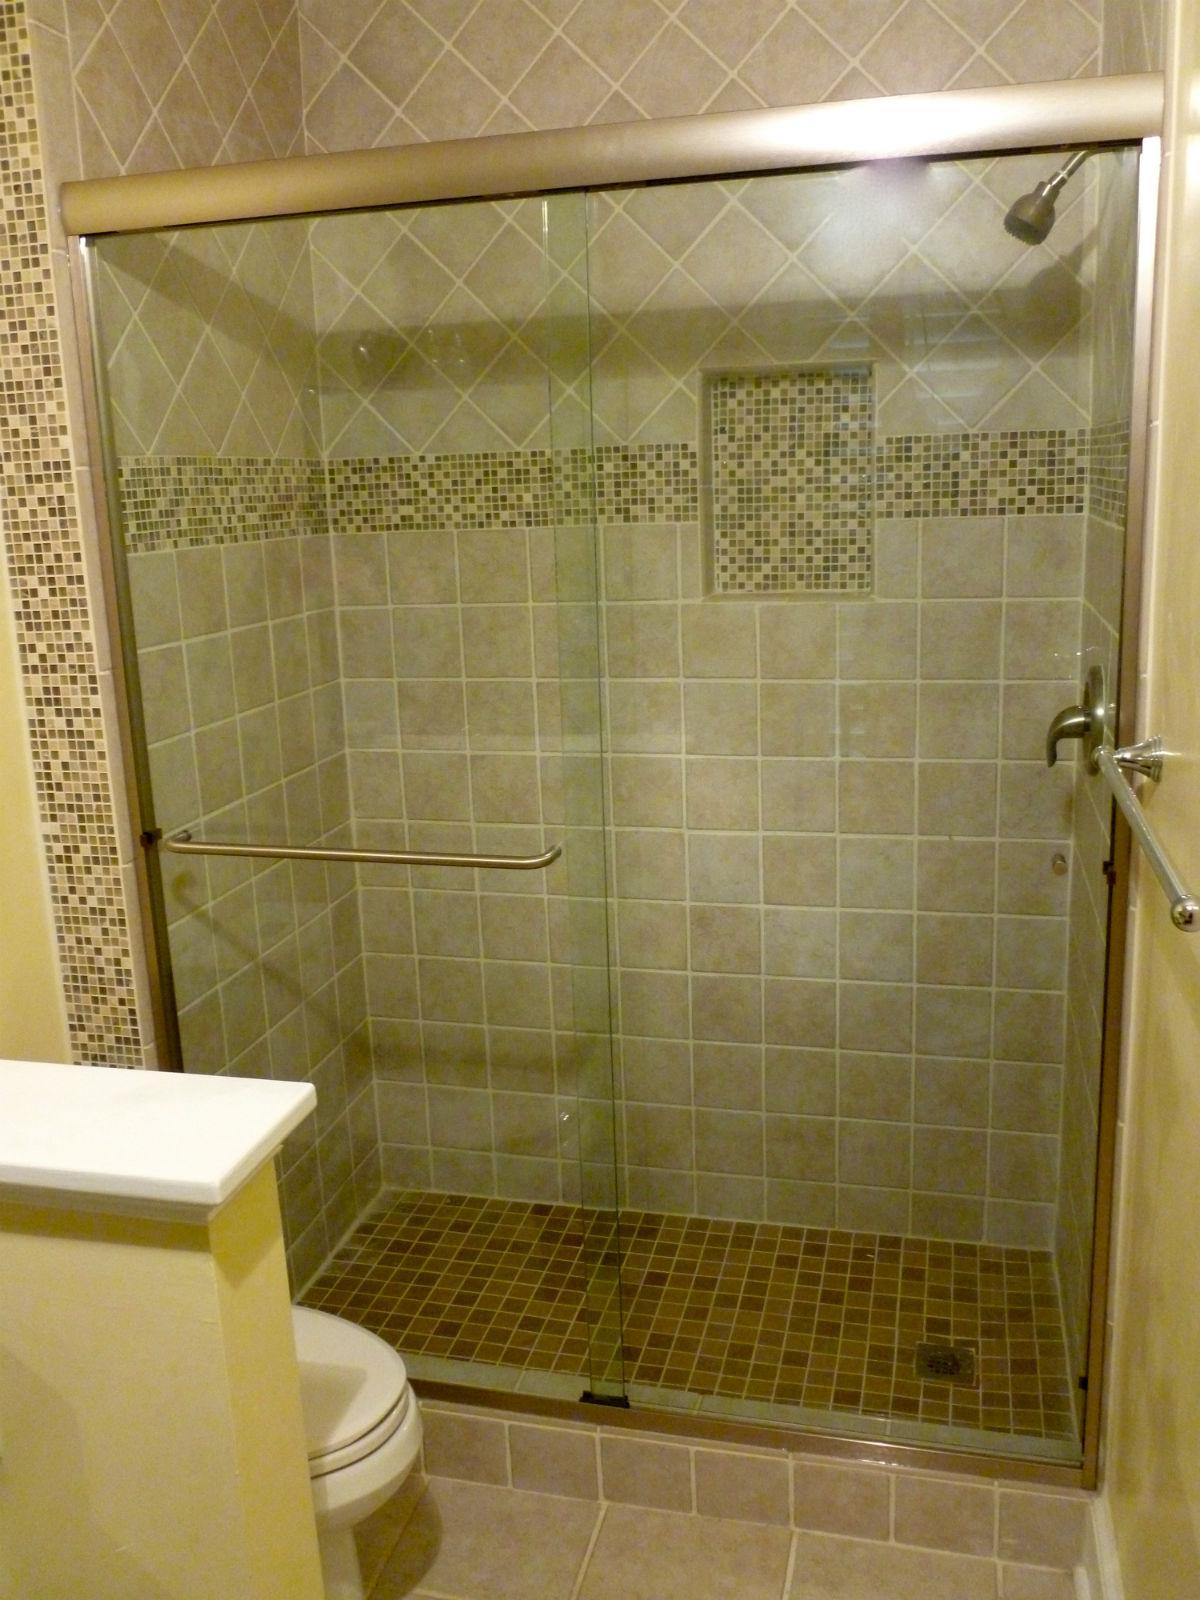 Manakin Sabot Semi Frameless Sliding Shower Door Richmond Va Rva